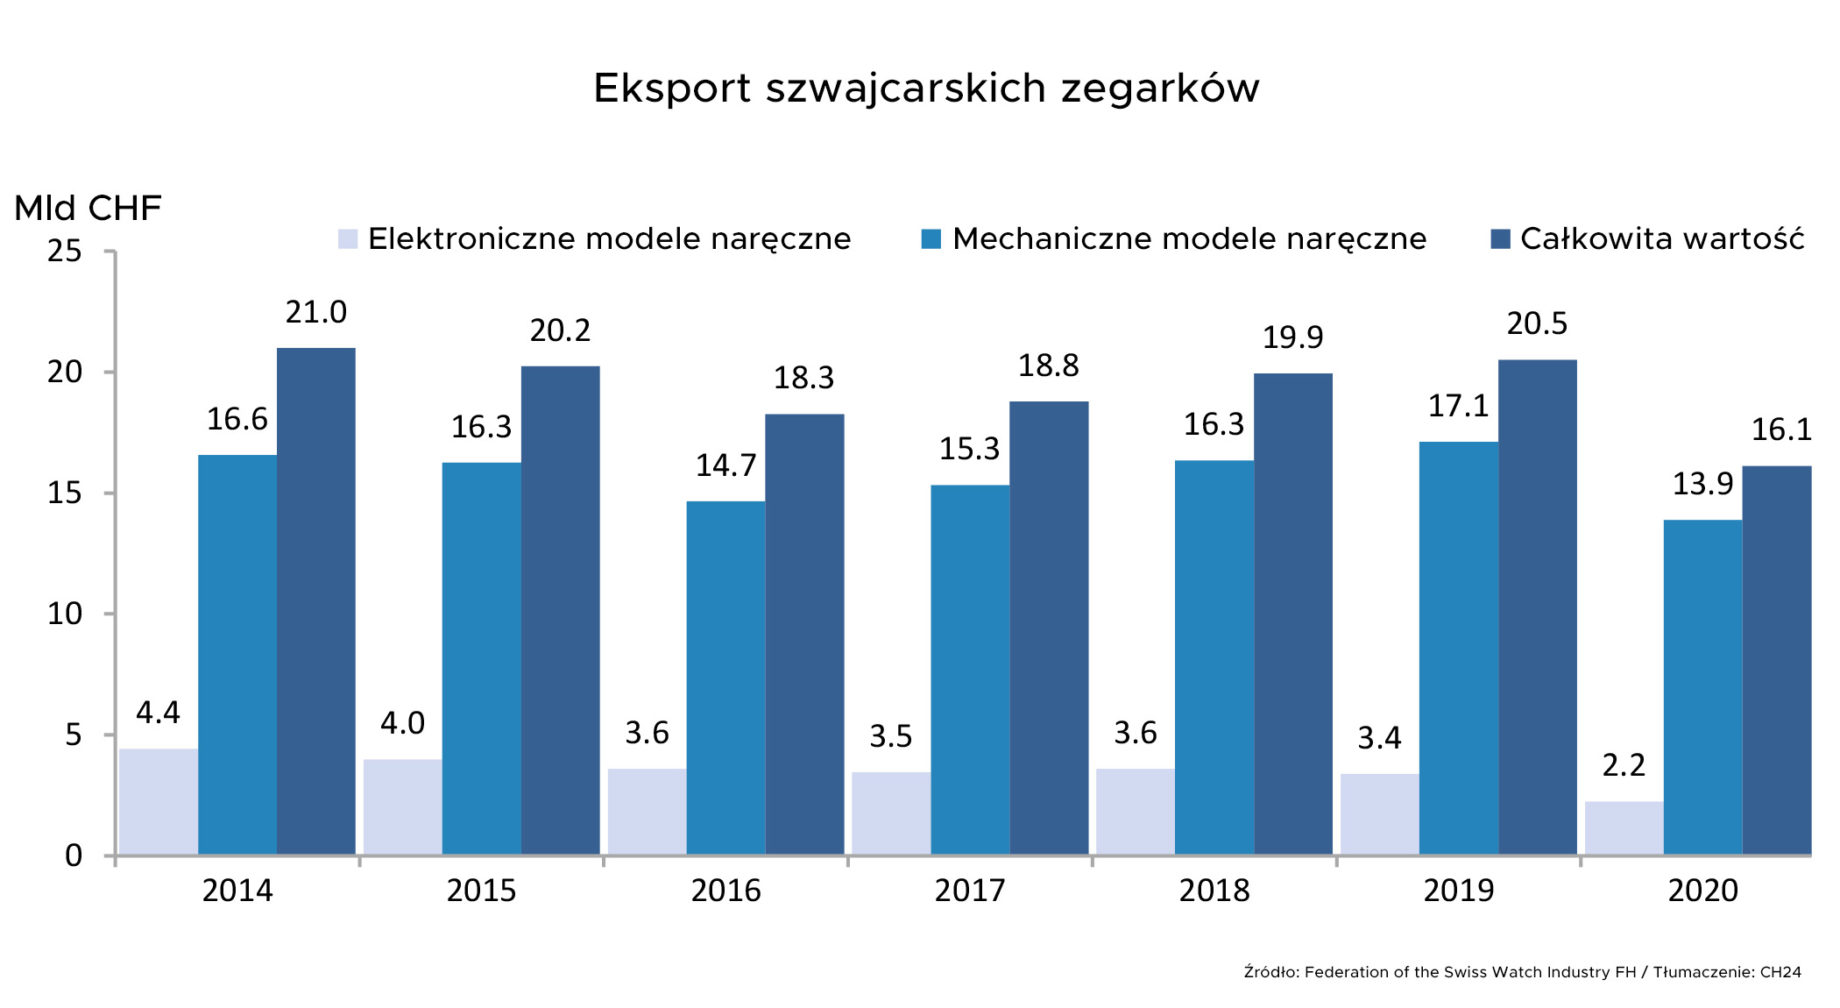 Eksport szwajcarskich zegarków w 2020 roku